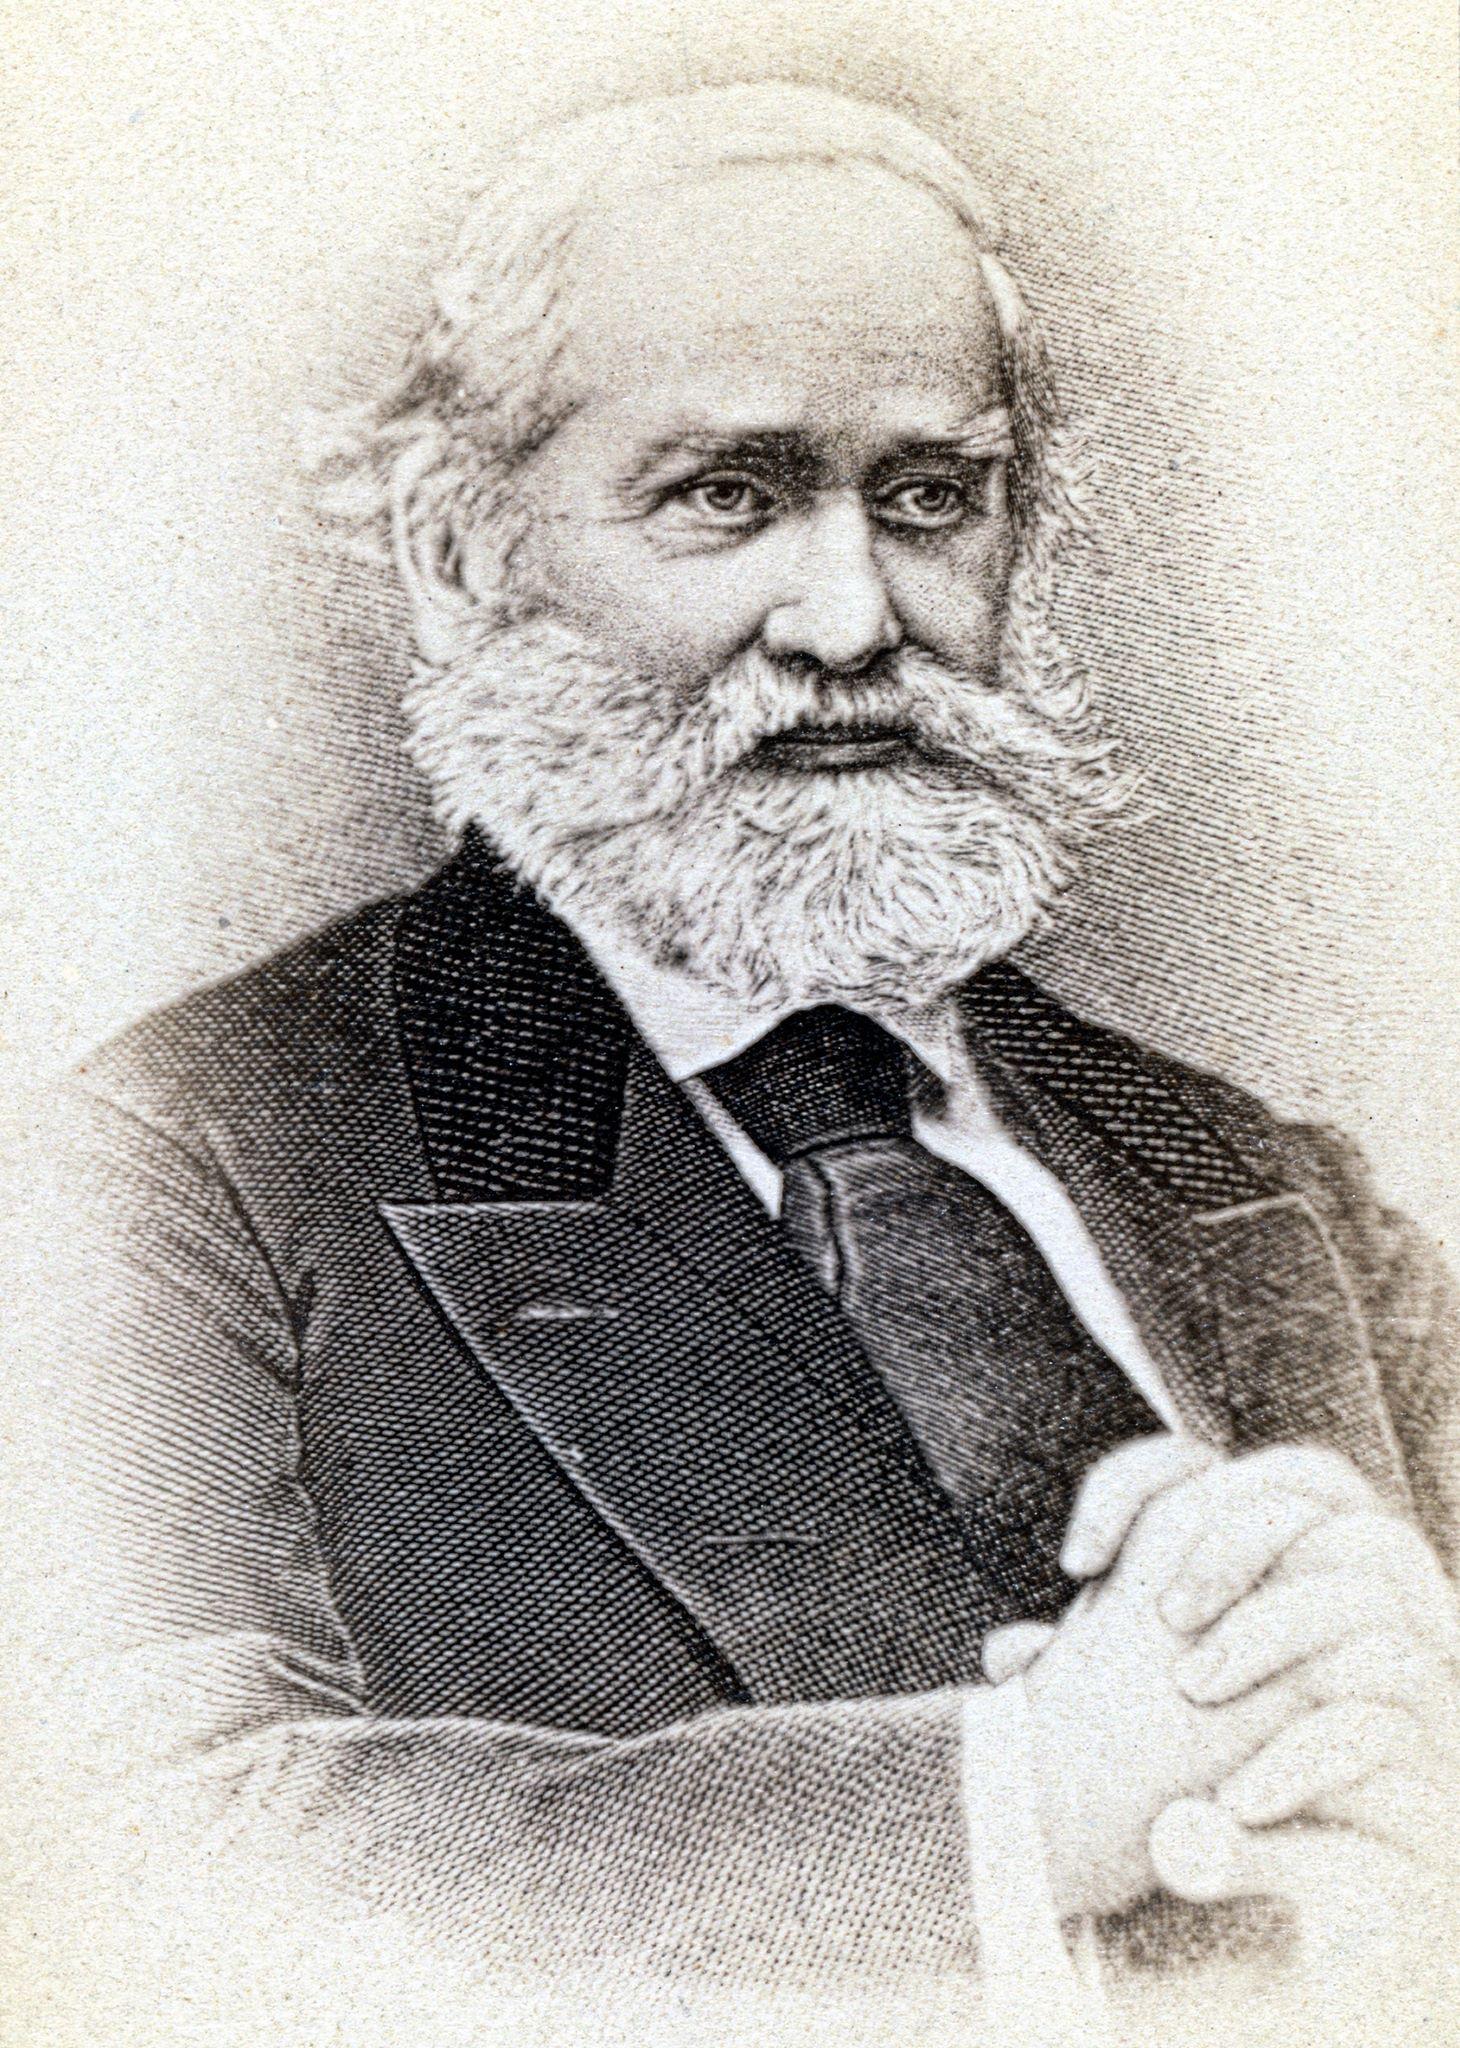 Сергей Соловьев. Книжная гравюра. Около 1880 г. Источник: Викимедиа